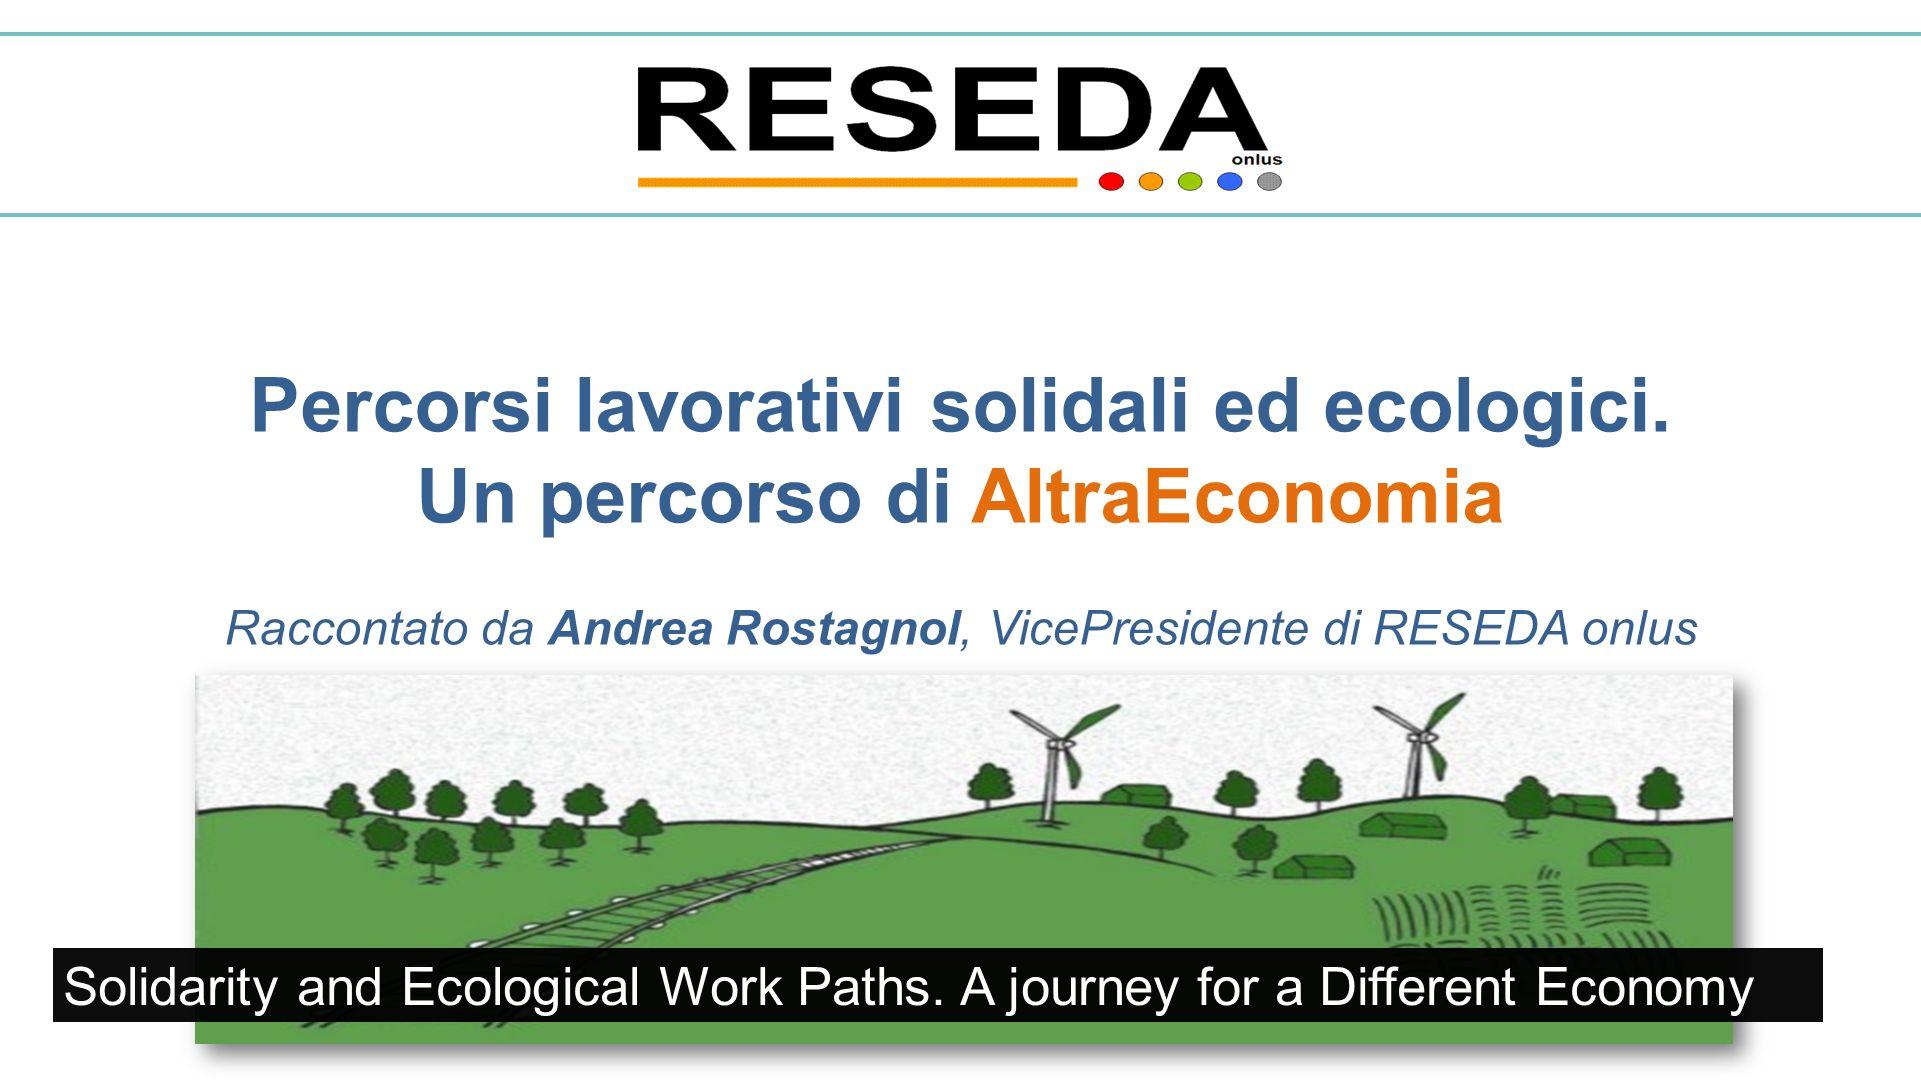 Percorsi lavorativi solidali ed ecologici.